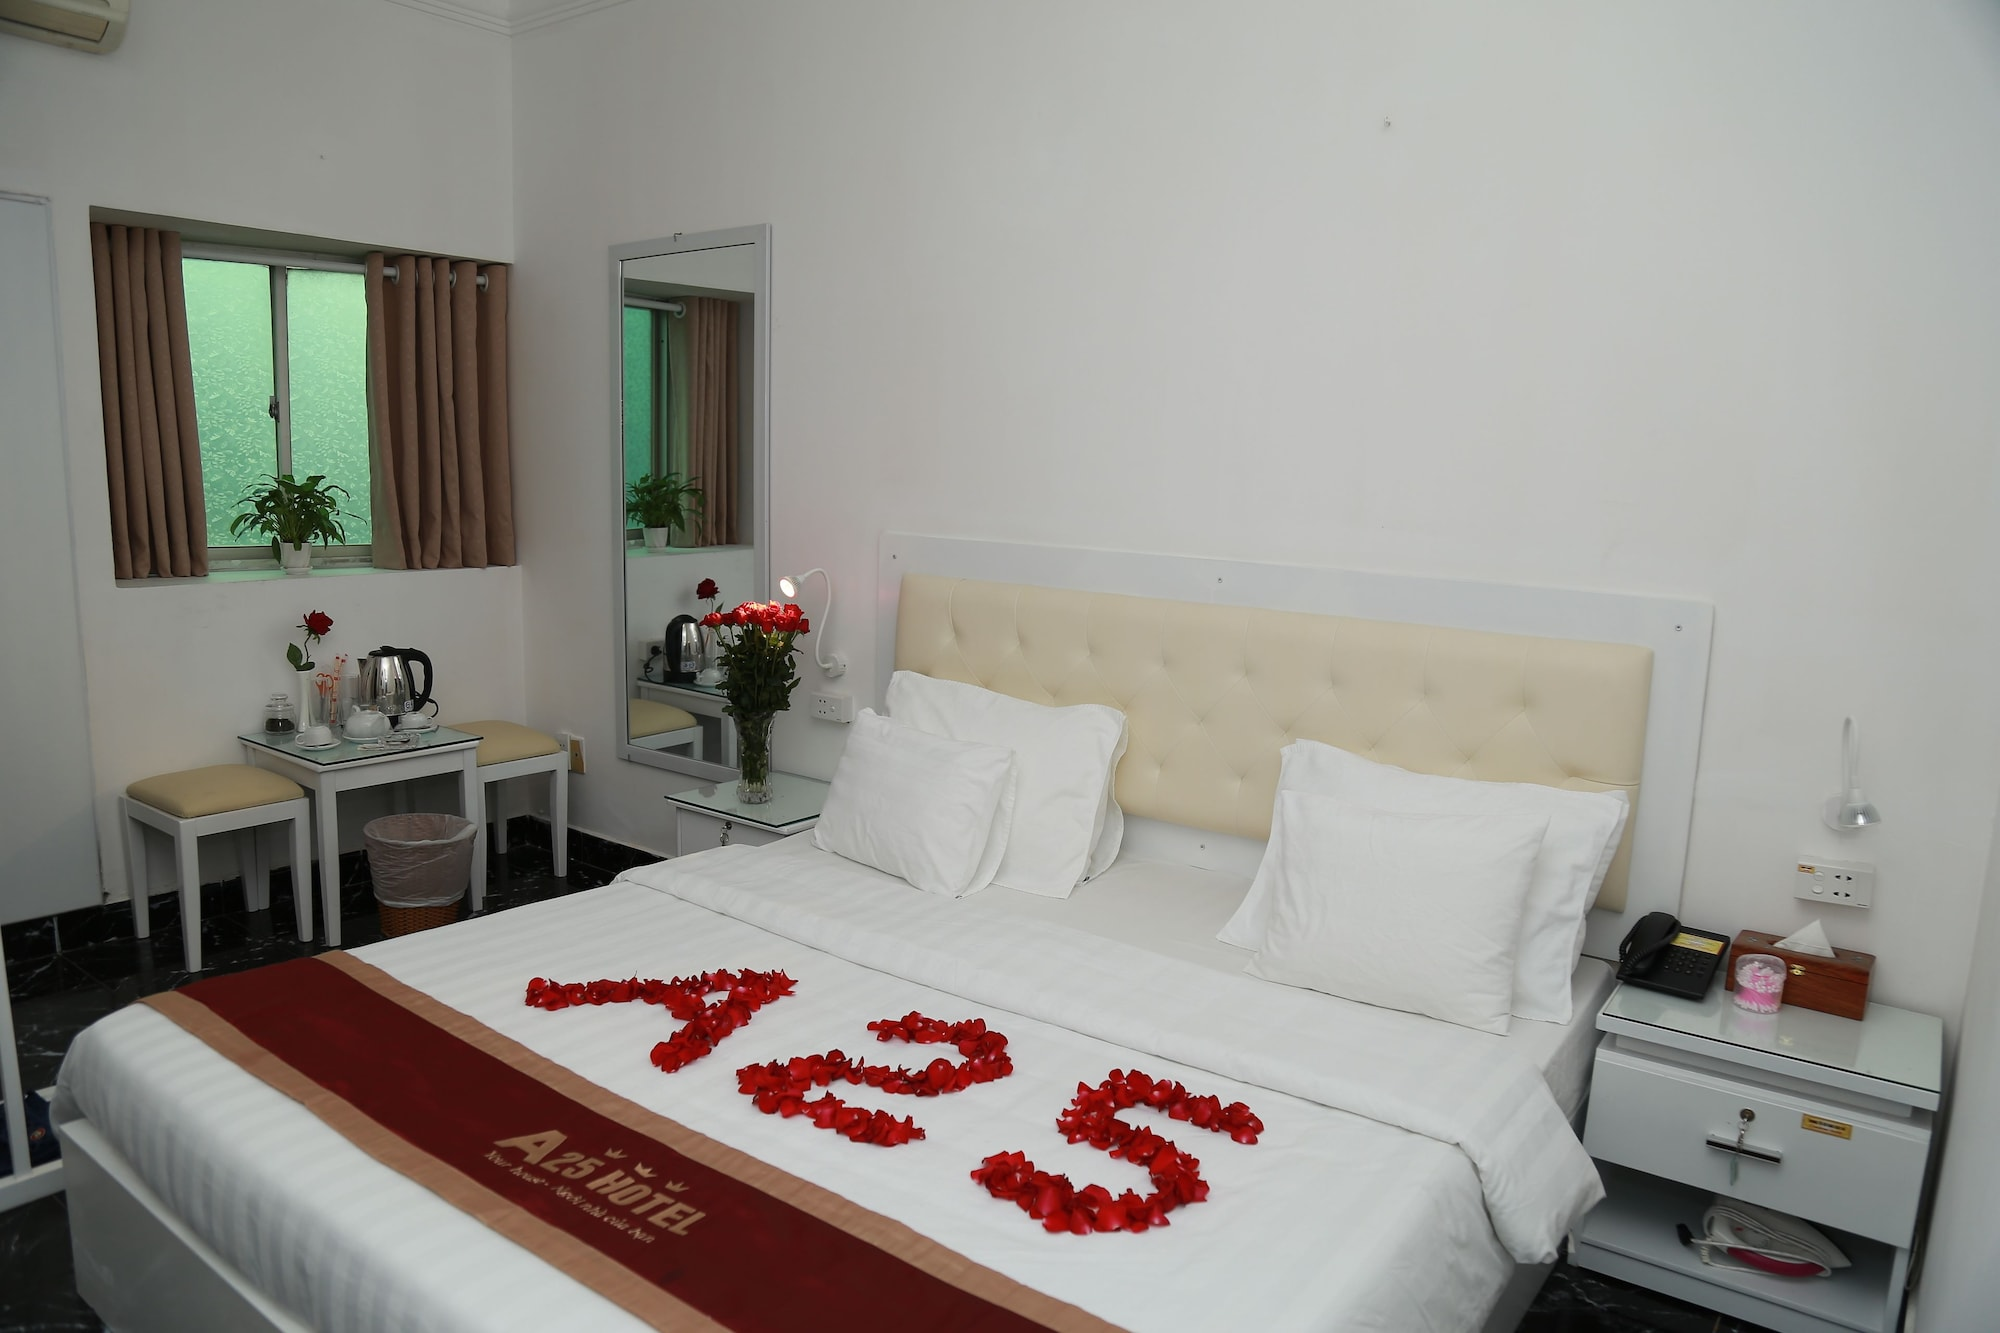 A25 Hotel - 19 Bui Thi Xuan, Quận 1